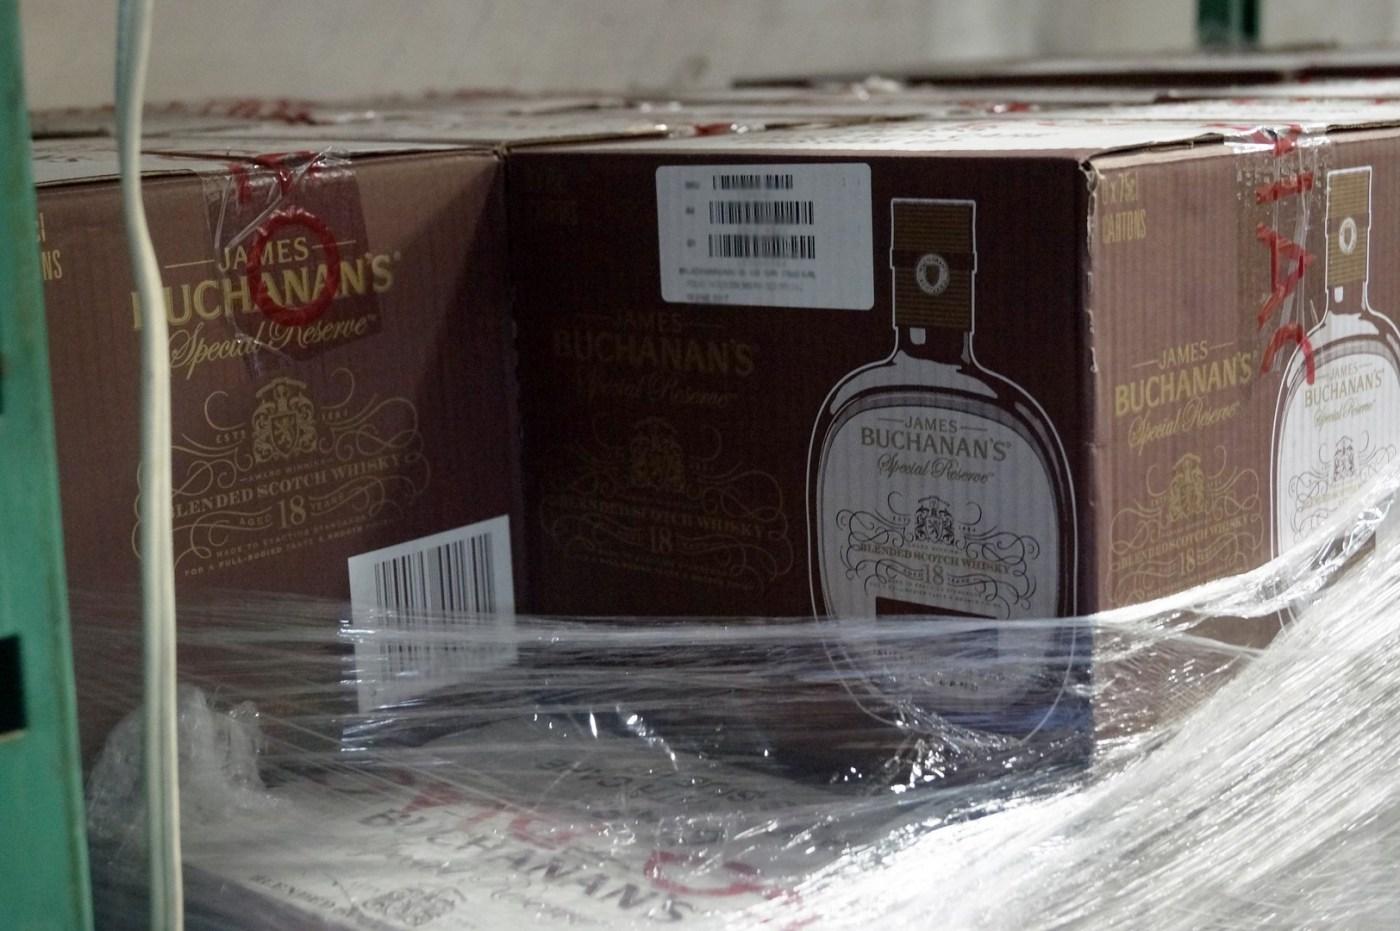 La mayoría de botellas recuperadas en Toluca eran de whisky. (FGJEM)